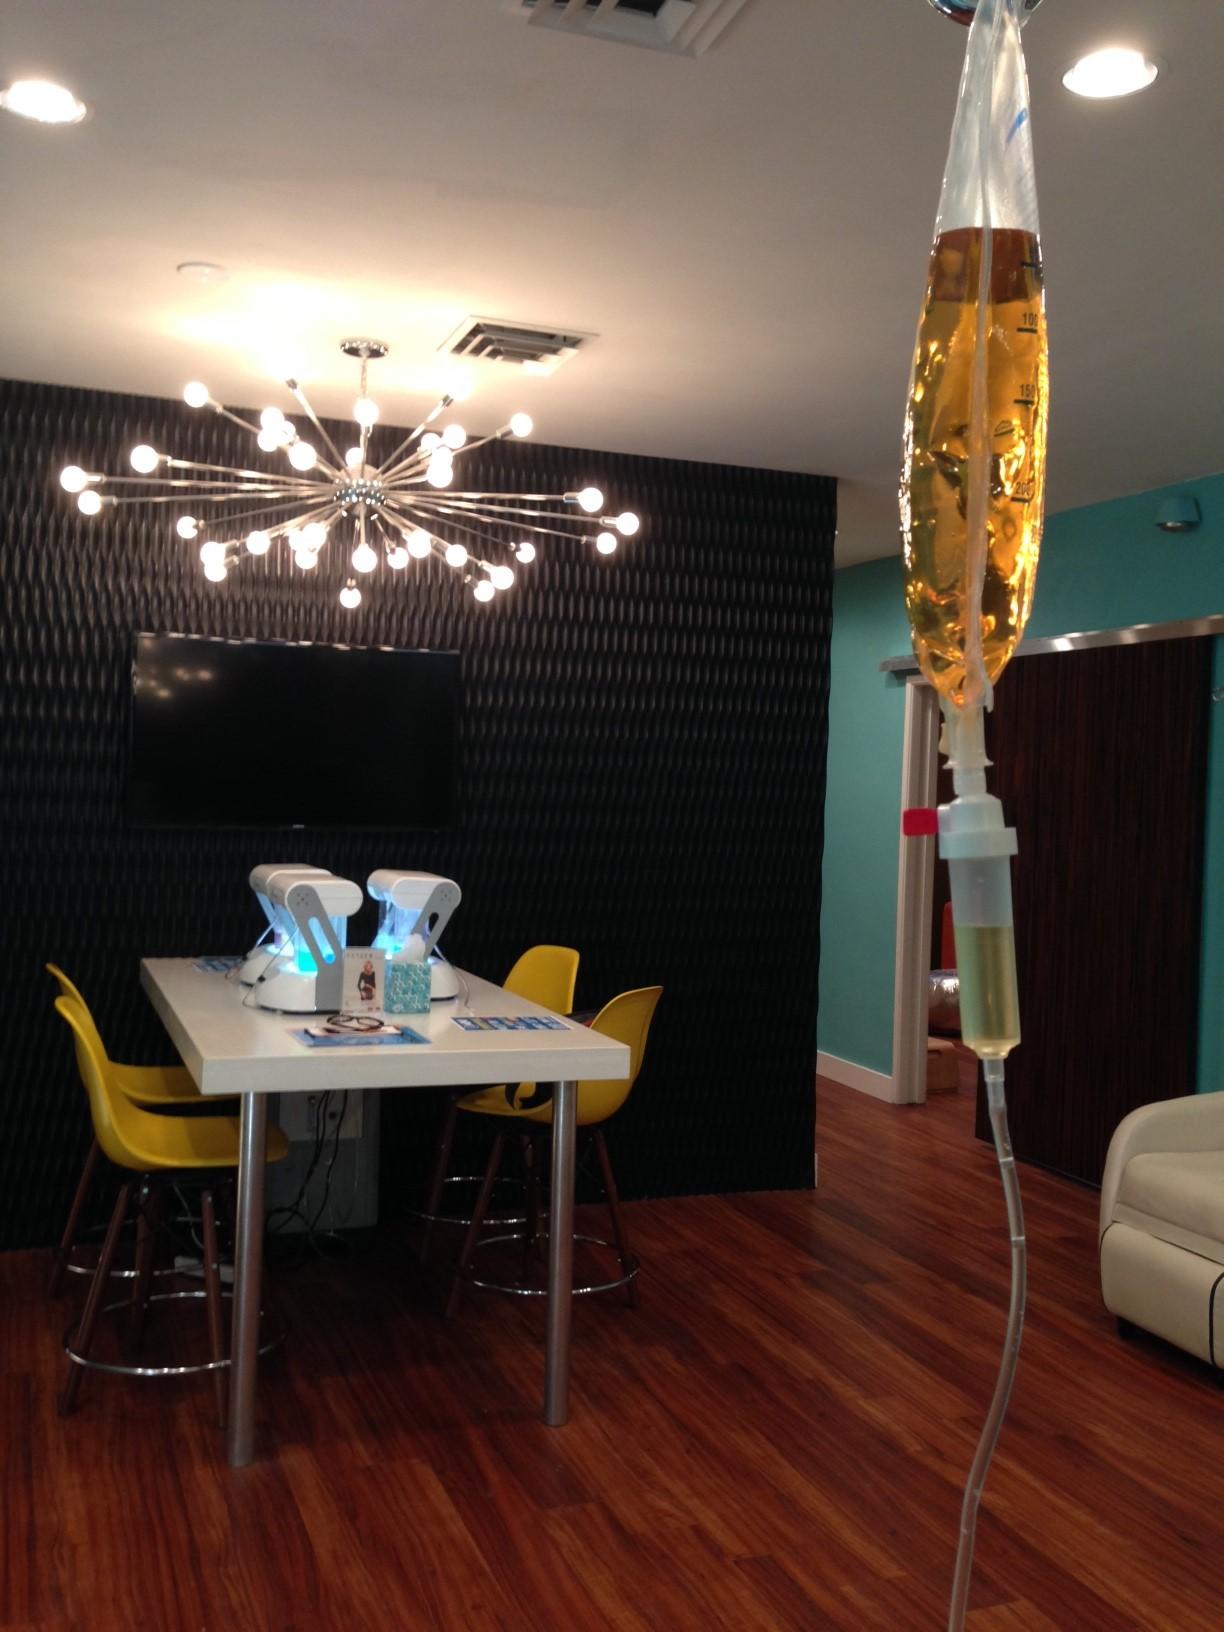 First Intravenous Drip Bar Opens   KJZZ